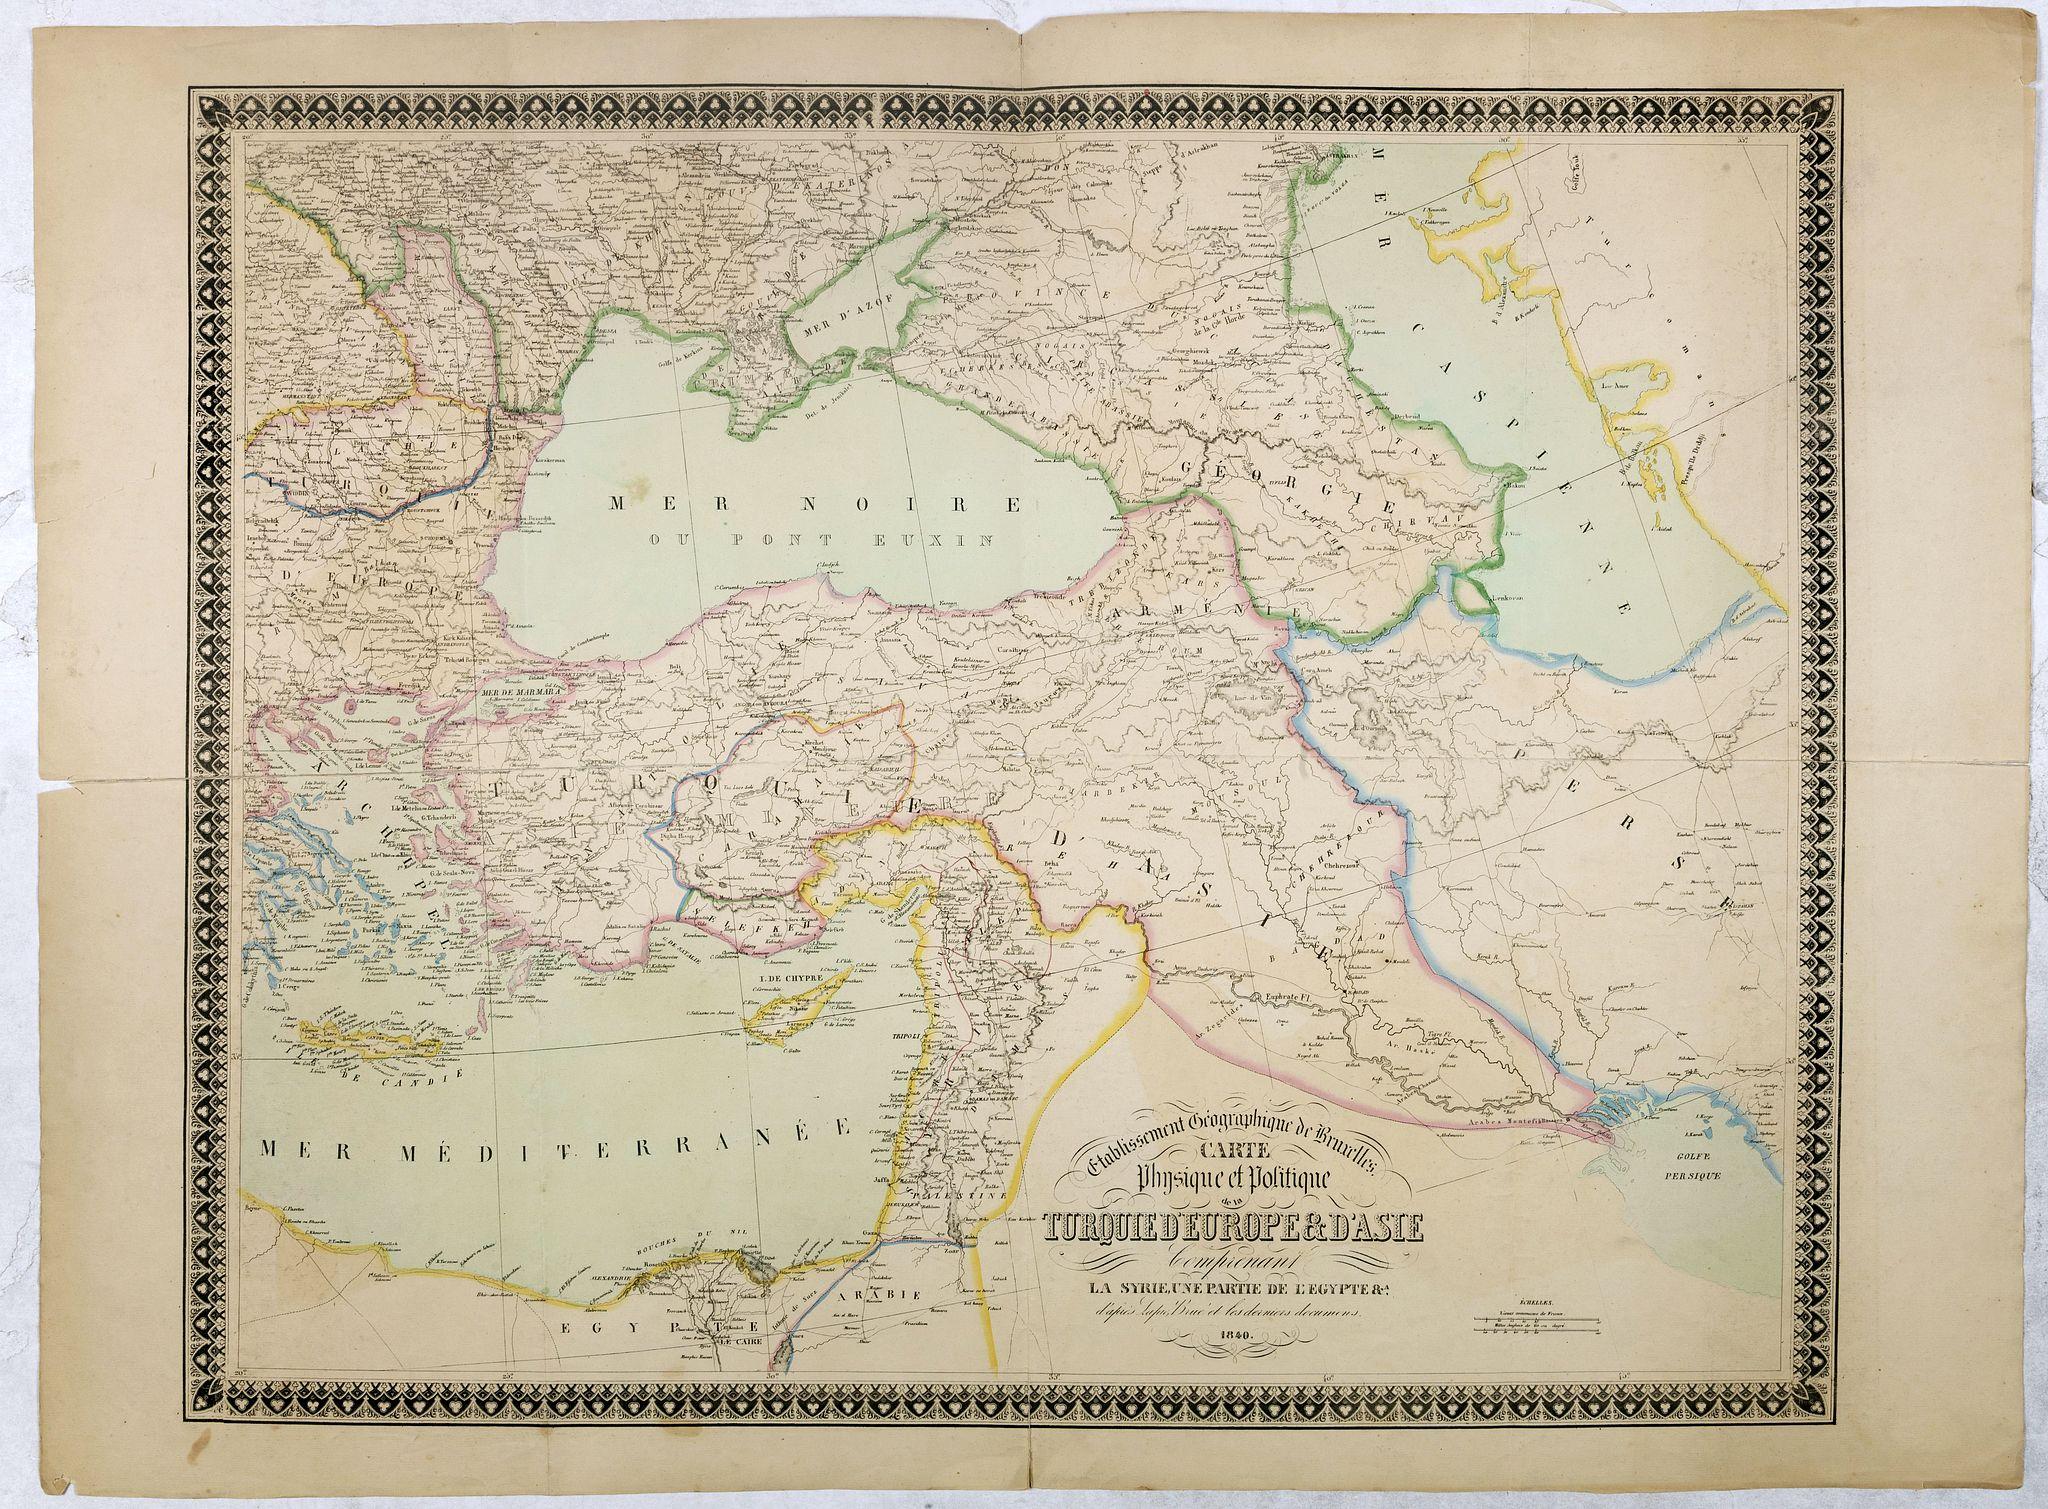 Etablissement Géographique de Bruxelles -  Carte physique et politique de la Turquie d'Europe et d'Asie contenant la Syrie, une partie de l'Egypte . . .